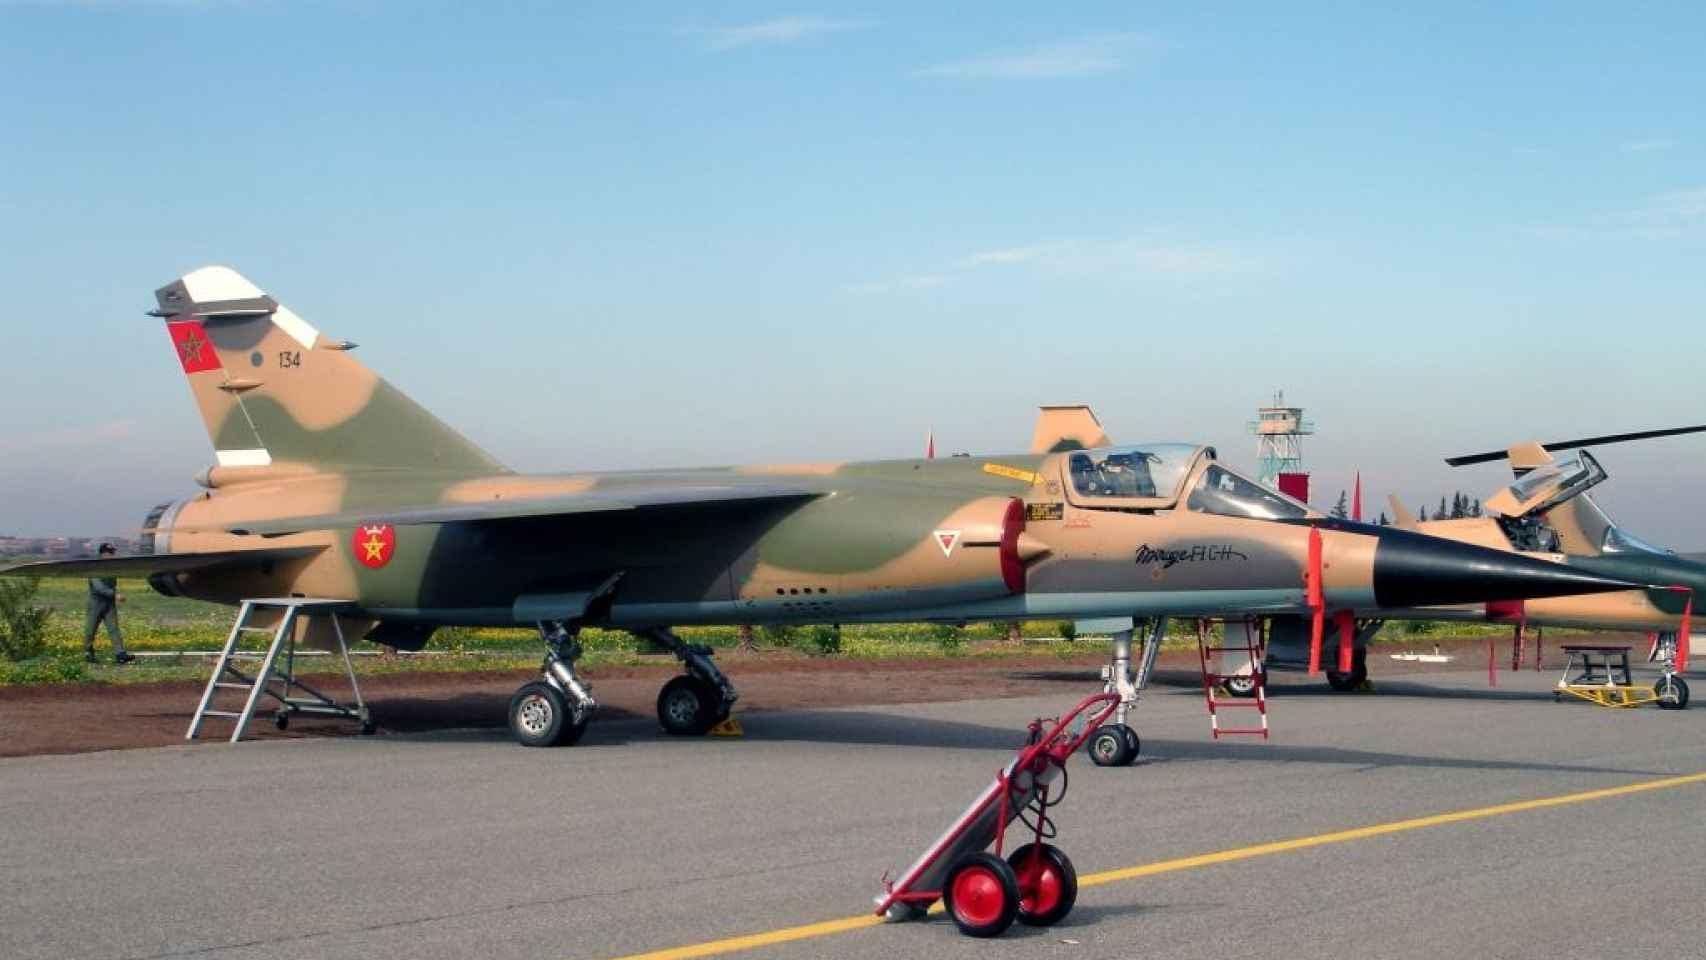 Mirage_F1 marroquí